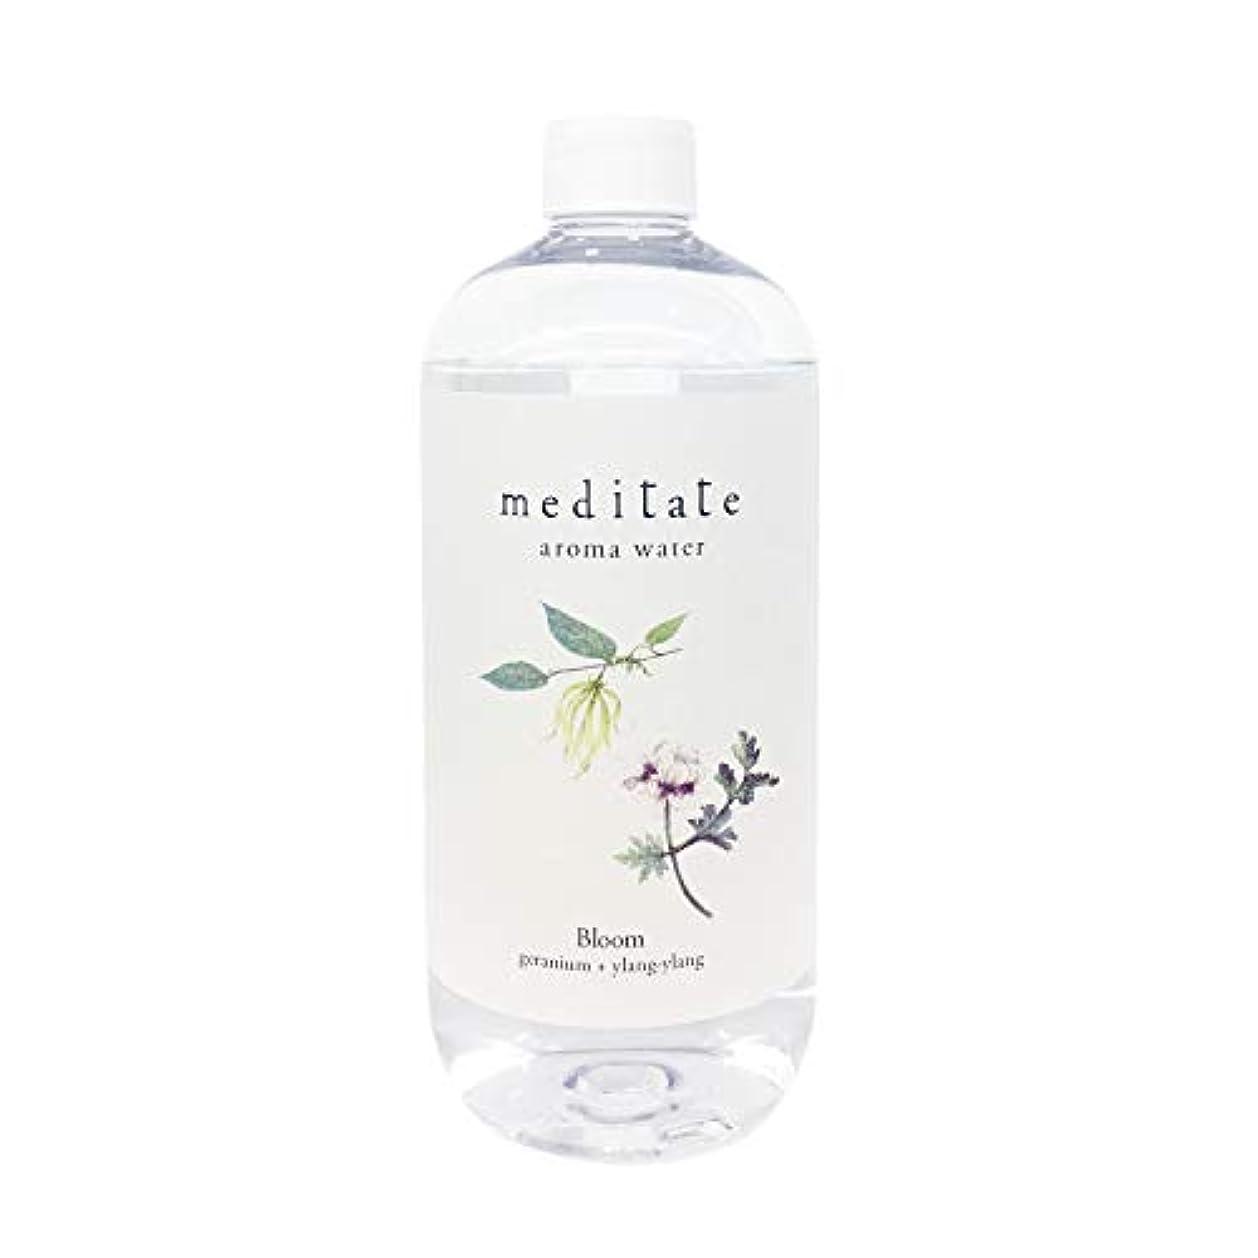 舗装残基不名誉な大香 meditate aroma water ブルーム(ゼラニウム/イランイラン) 55mm×55mm×170mm